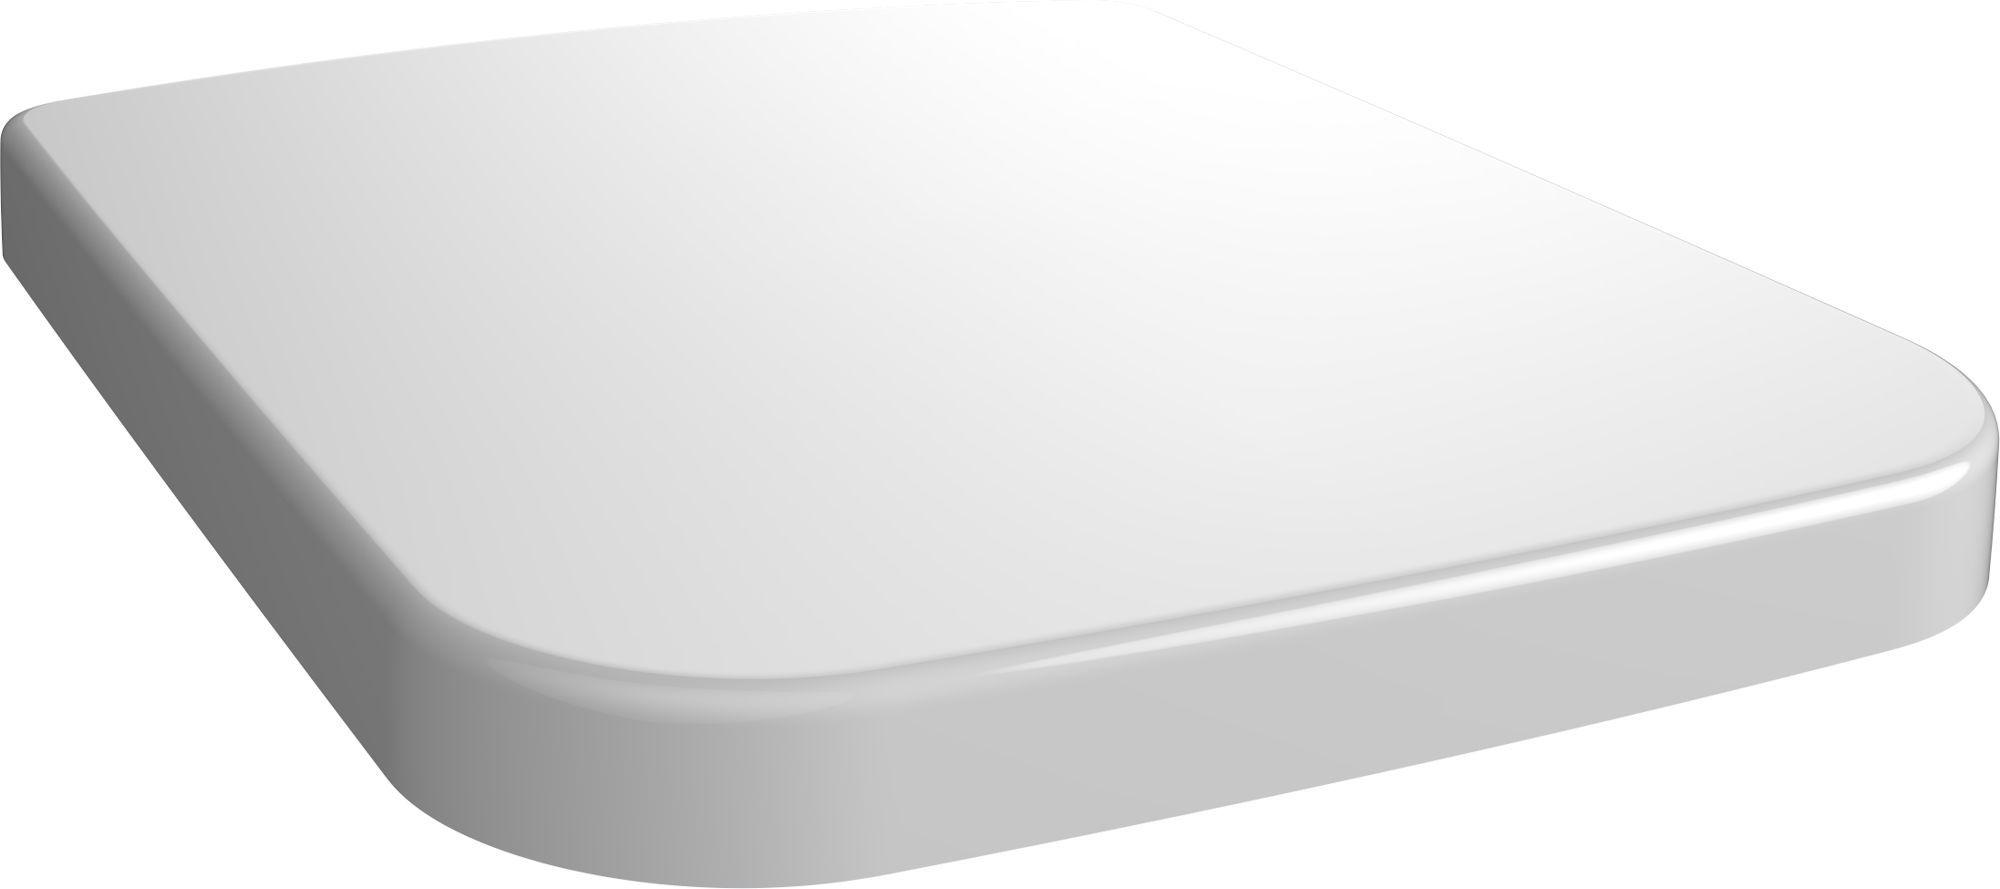 Villeroy & Boch Architectura WC-Sitz weiß 9M606101